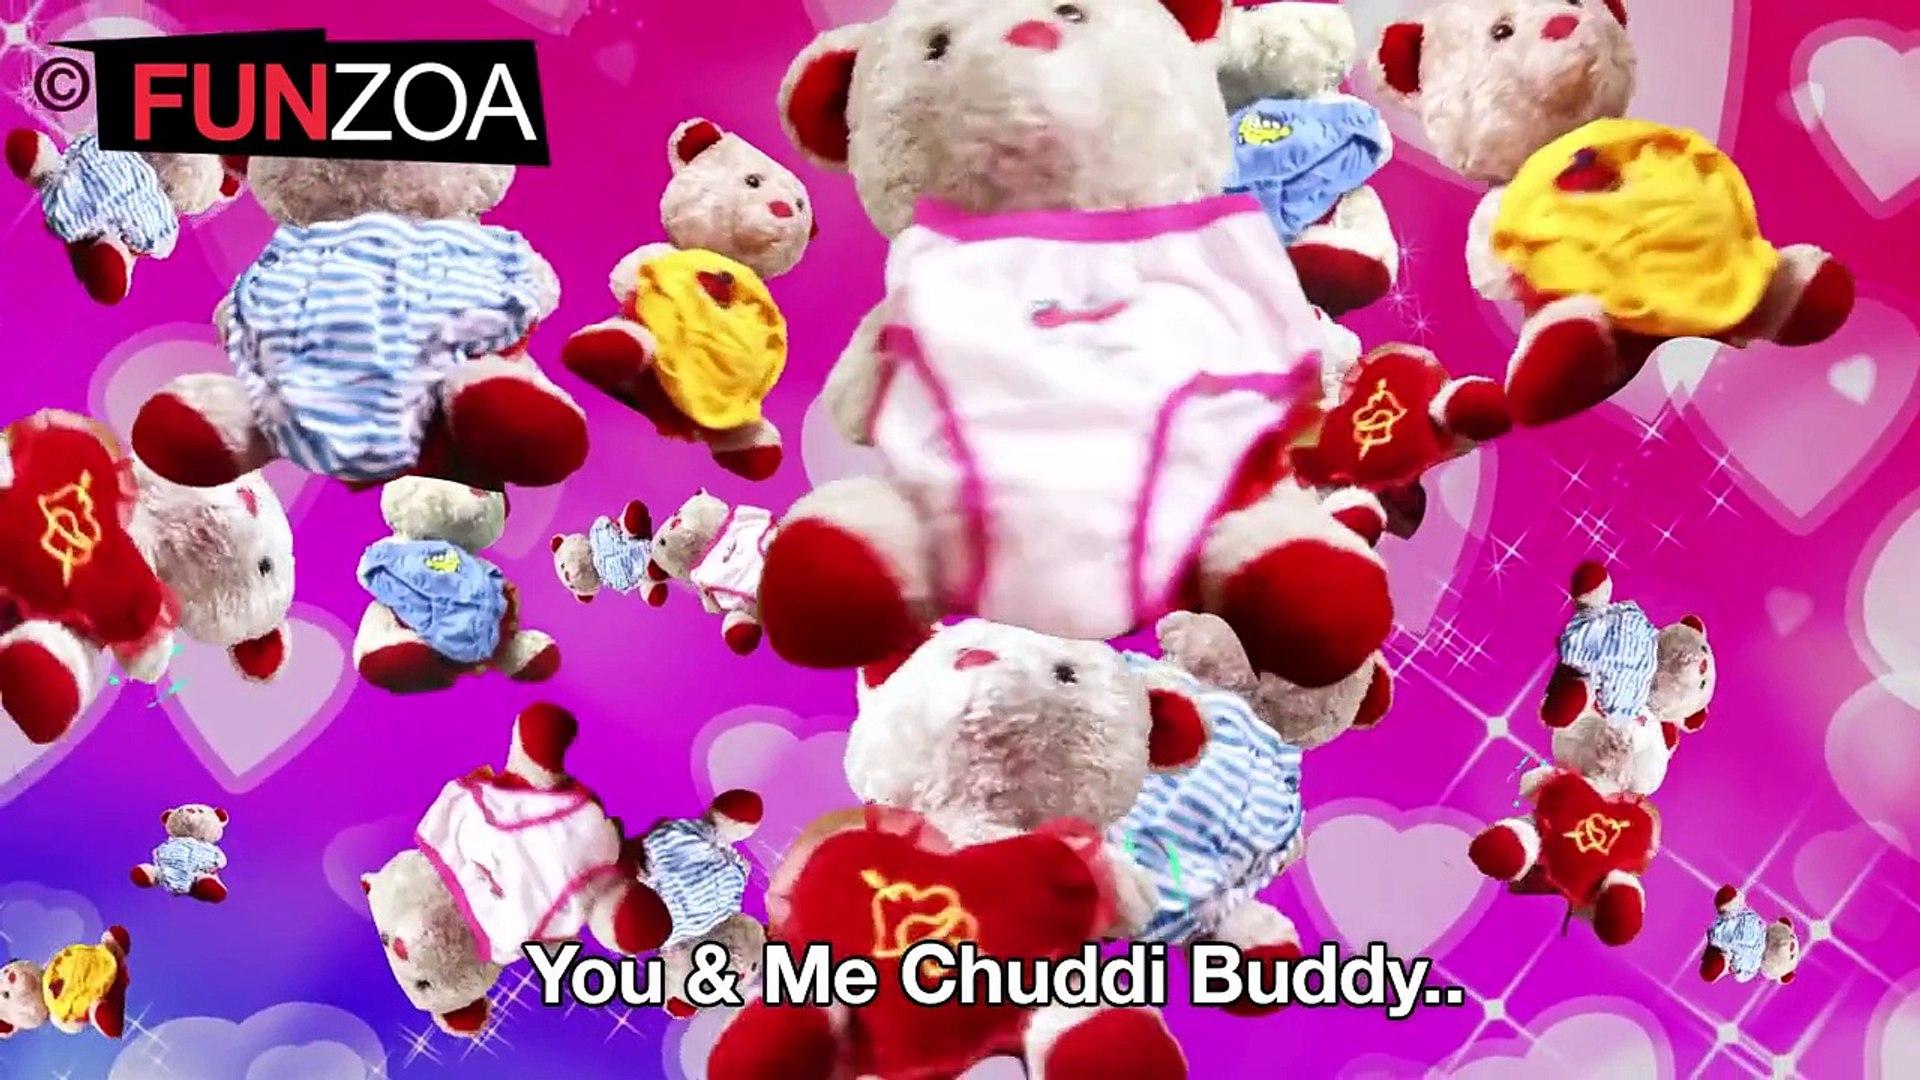 funzoa chuddy buddy video